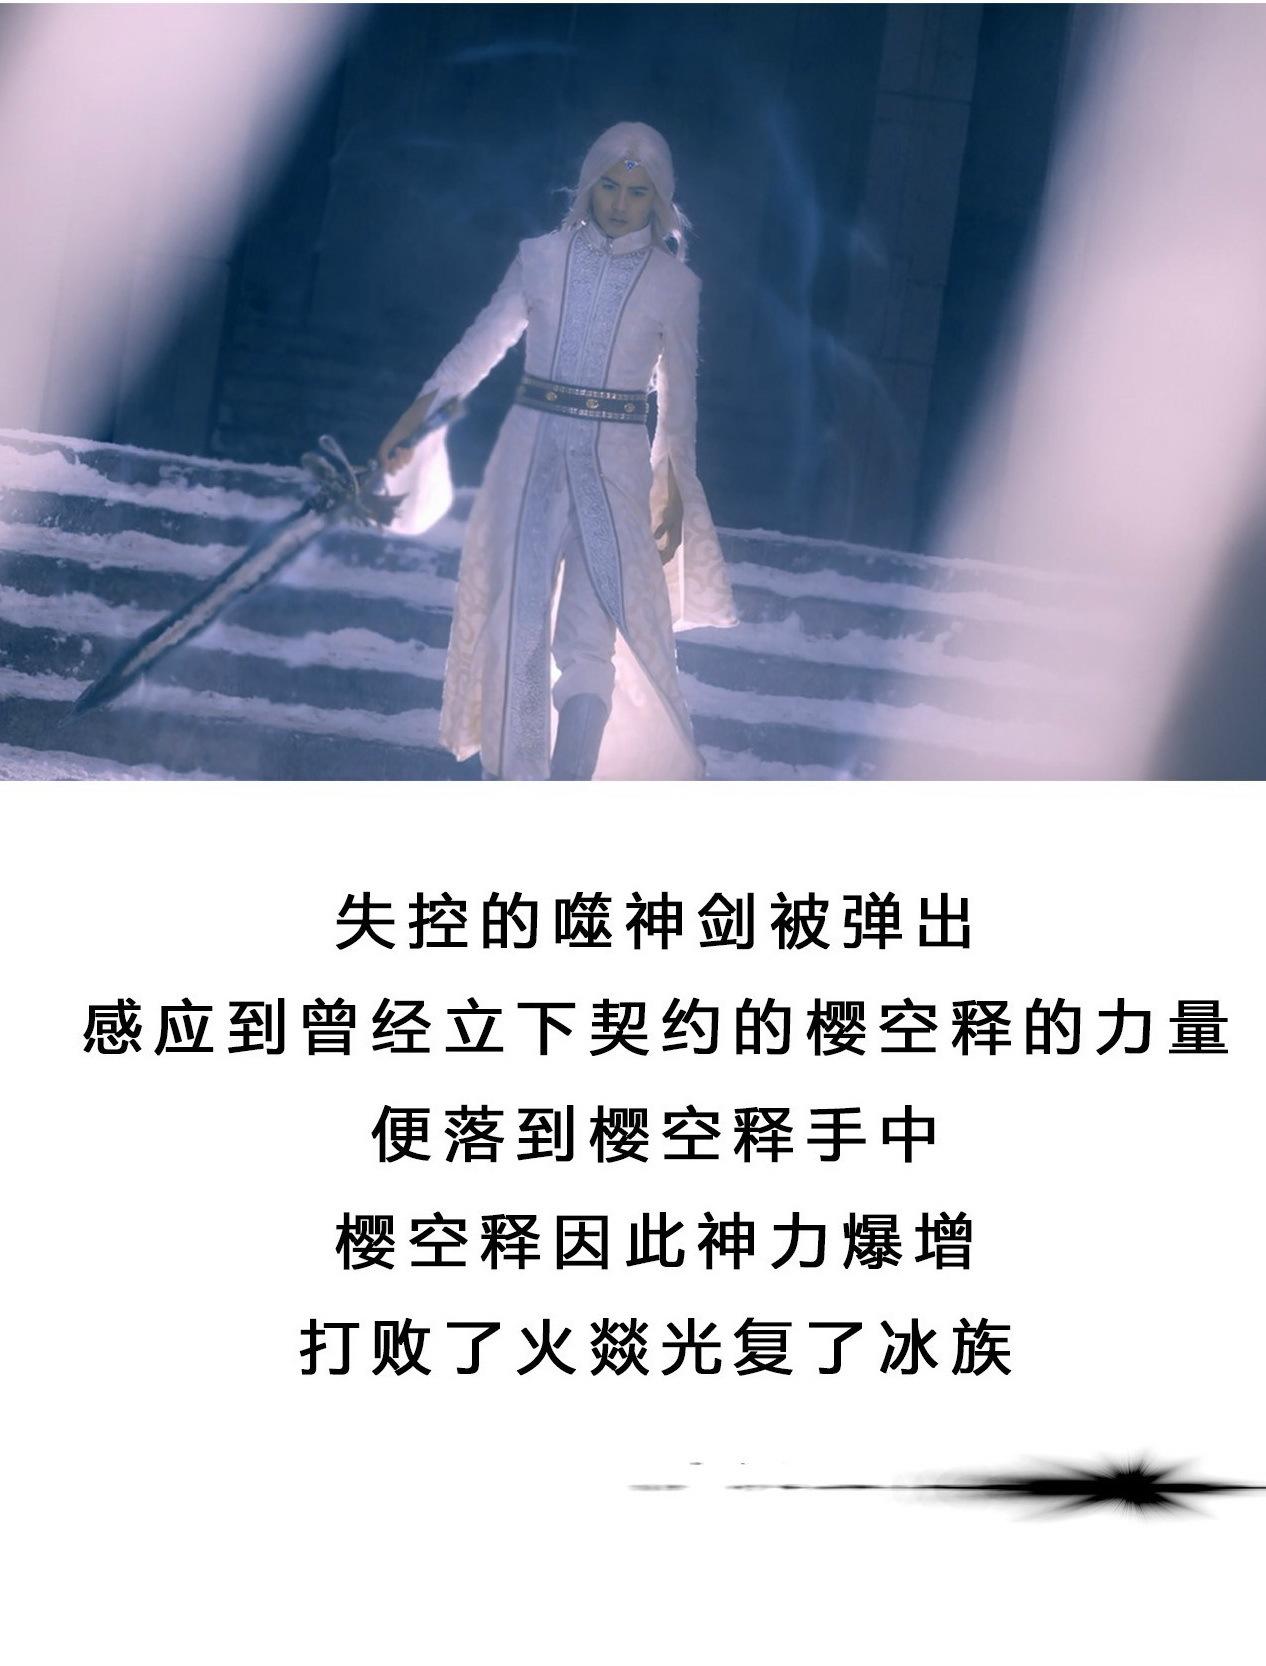 《幻城》电视剧噬神剑